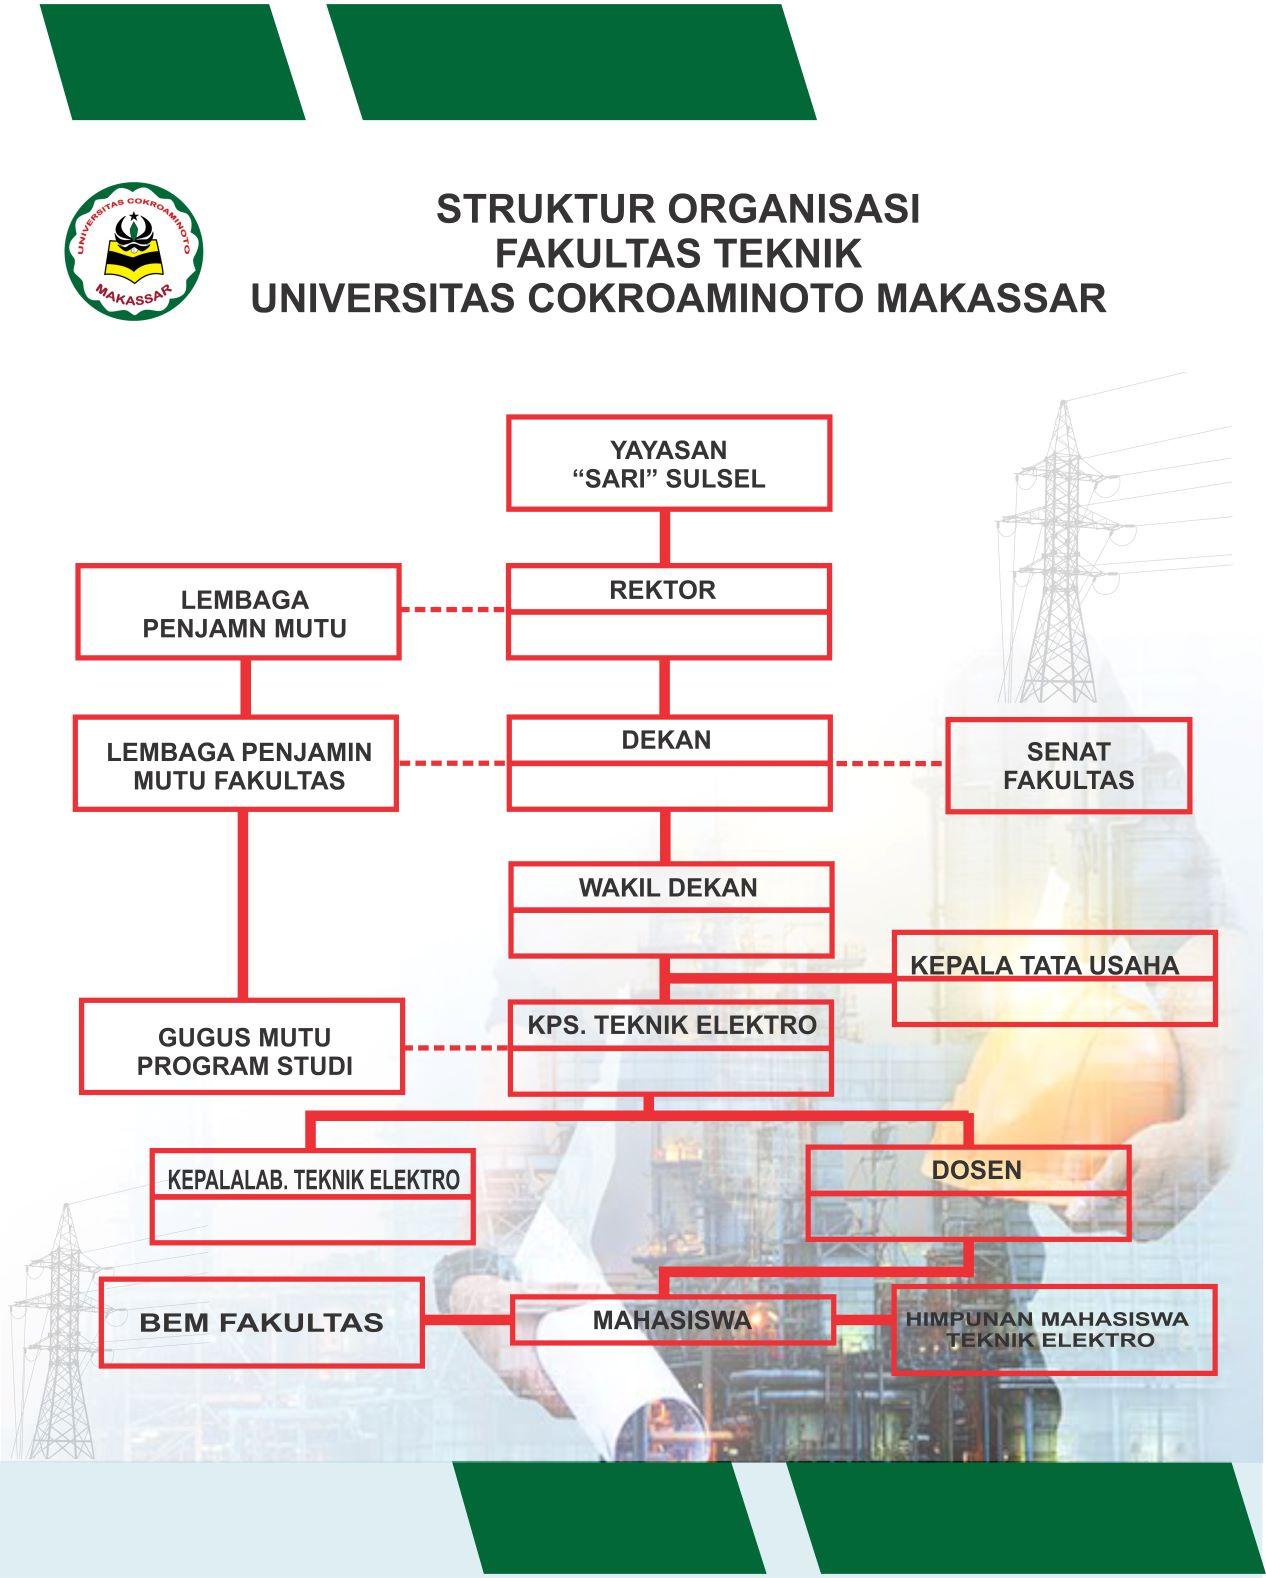 Struktur Organisasi Fakultas Teknik UCM